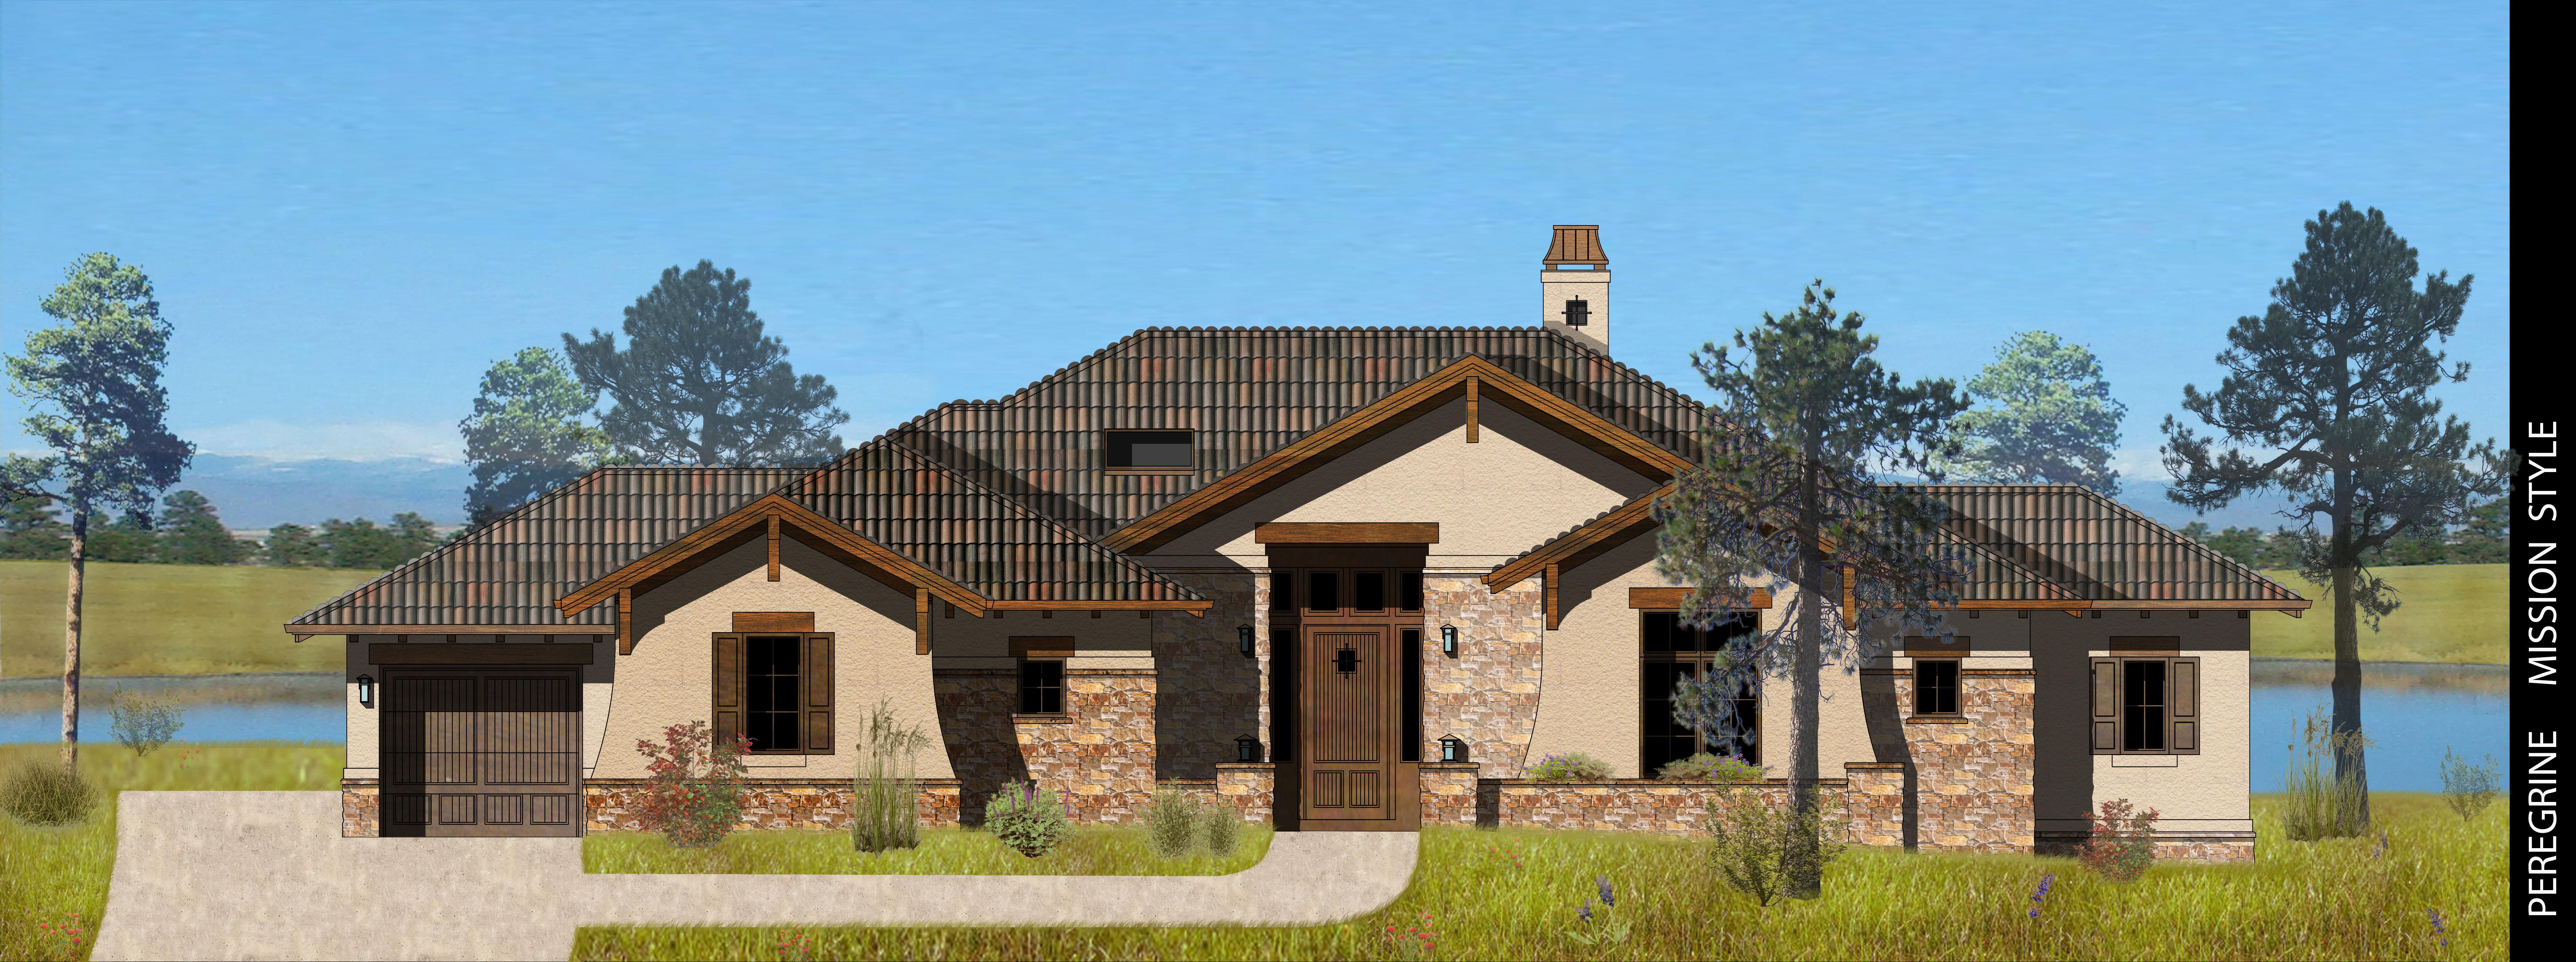 Maison unifamiliale pour l Vente à Picture Yourself Living Lakeside, Enjoying Captivating Views 7309 Prairie Star Ct Parker, Colorado, 80134 États-Unis